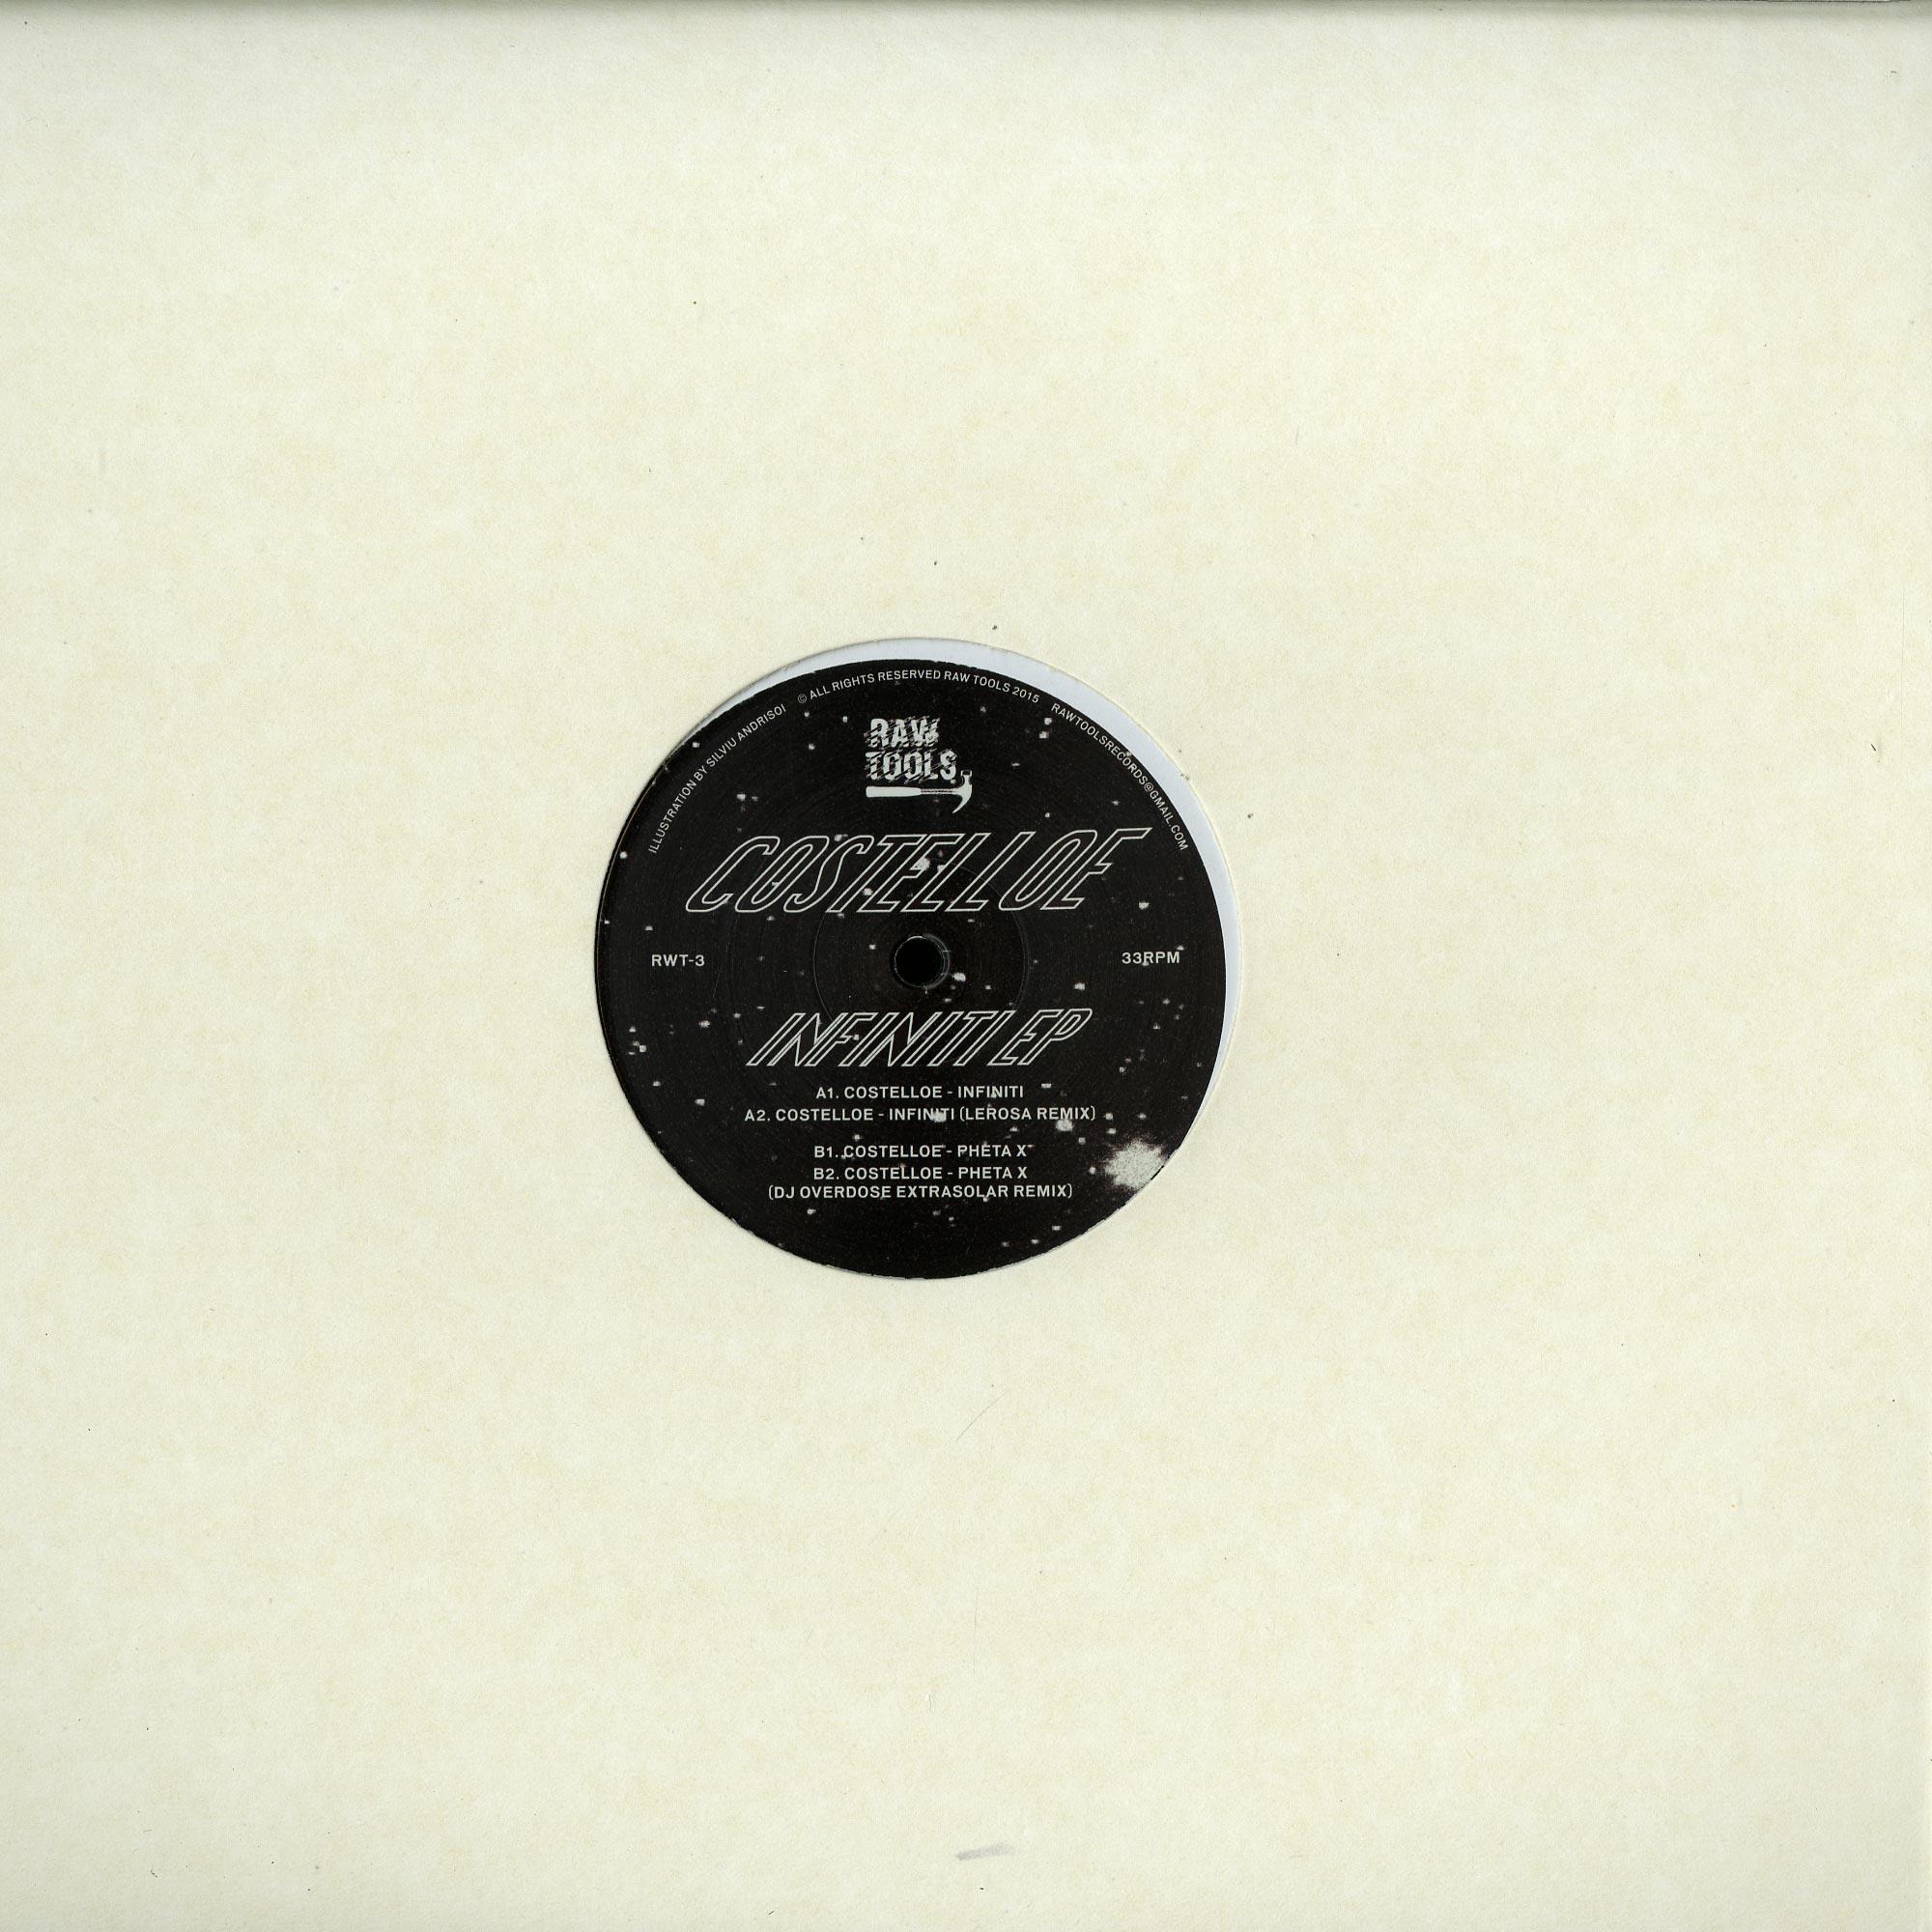 Costelloe - INFINITI EP